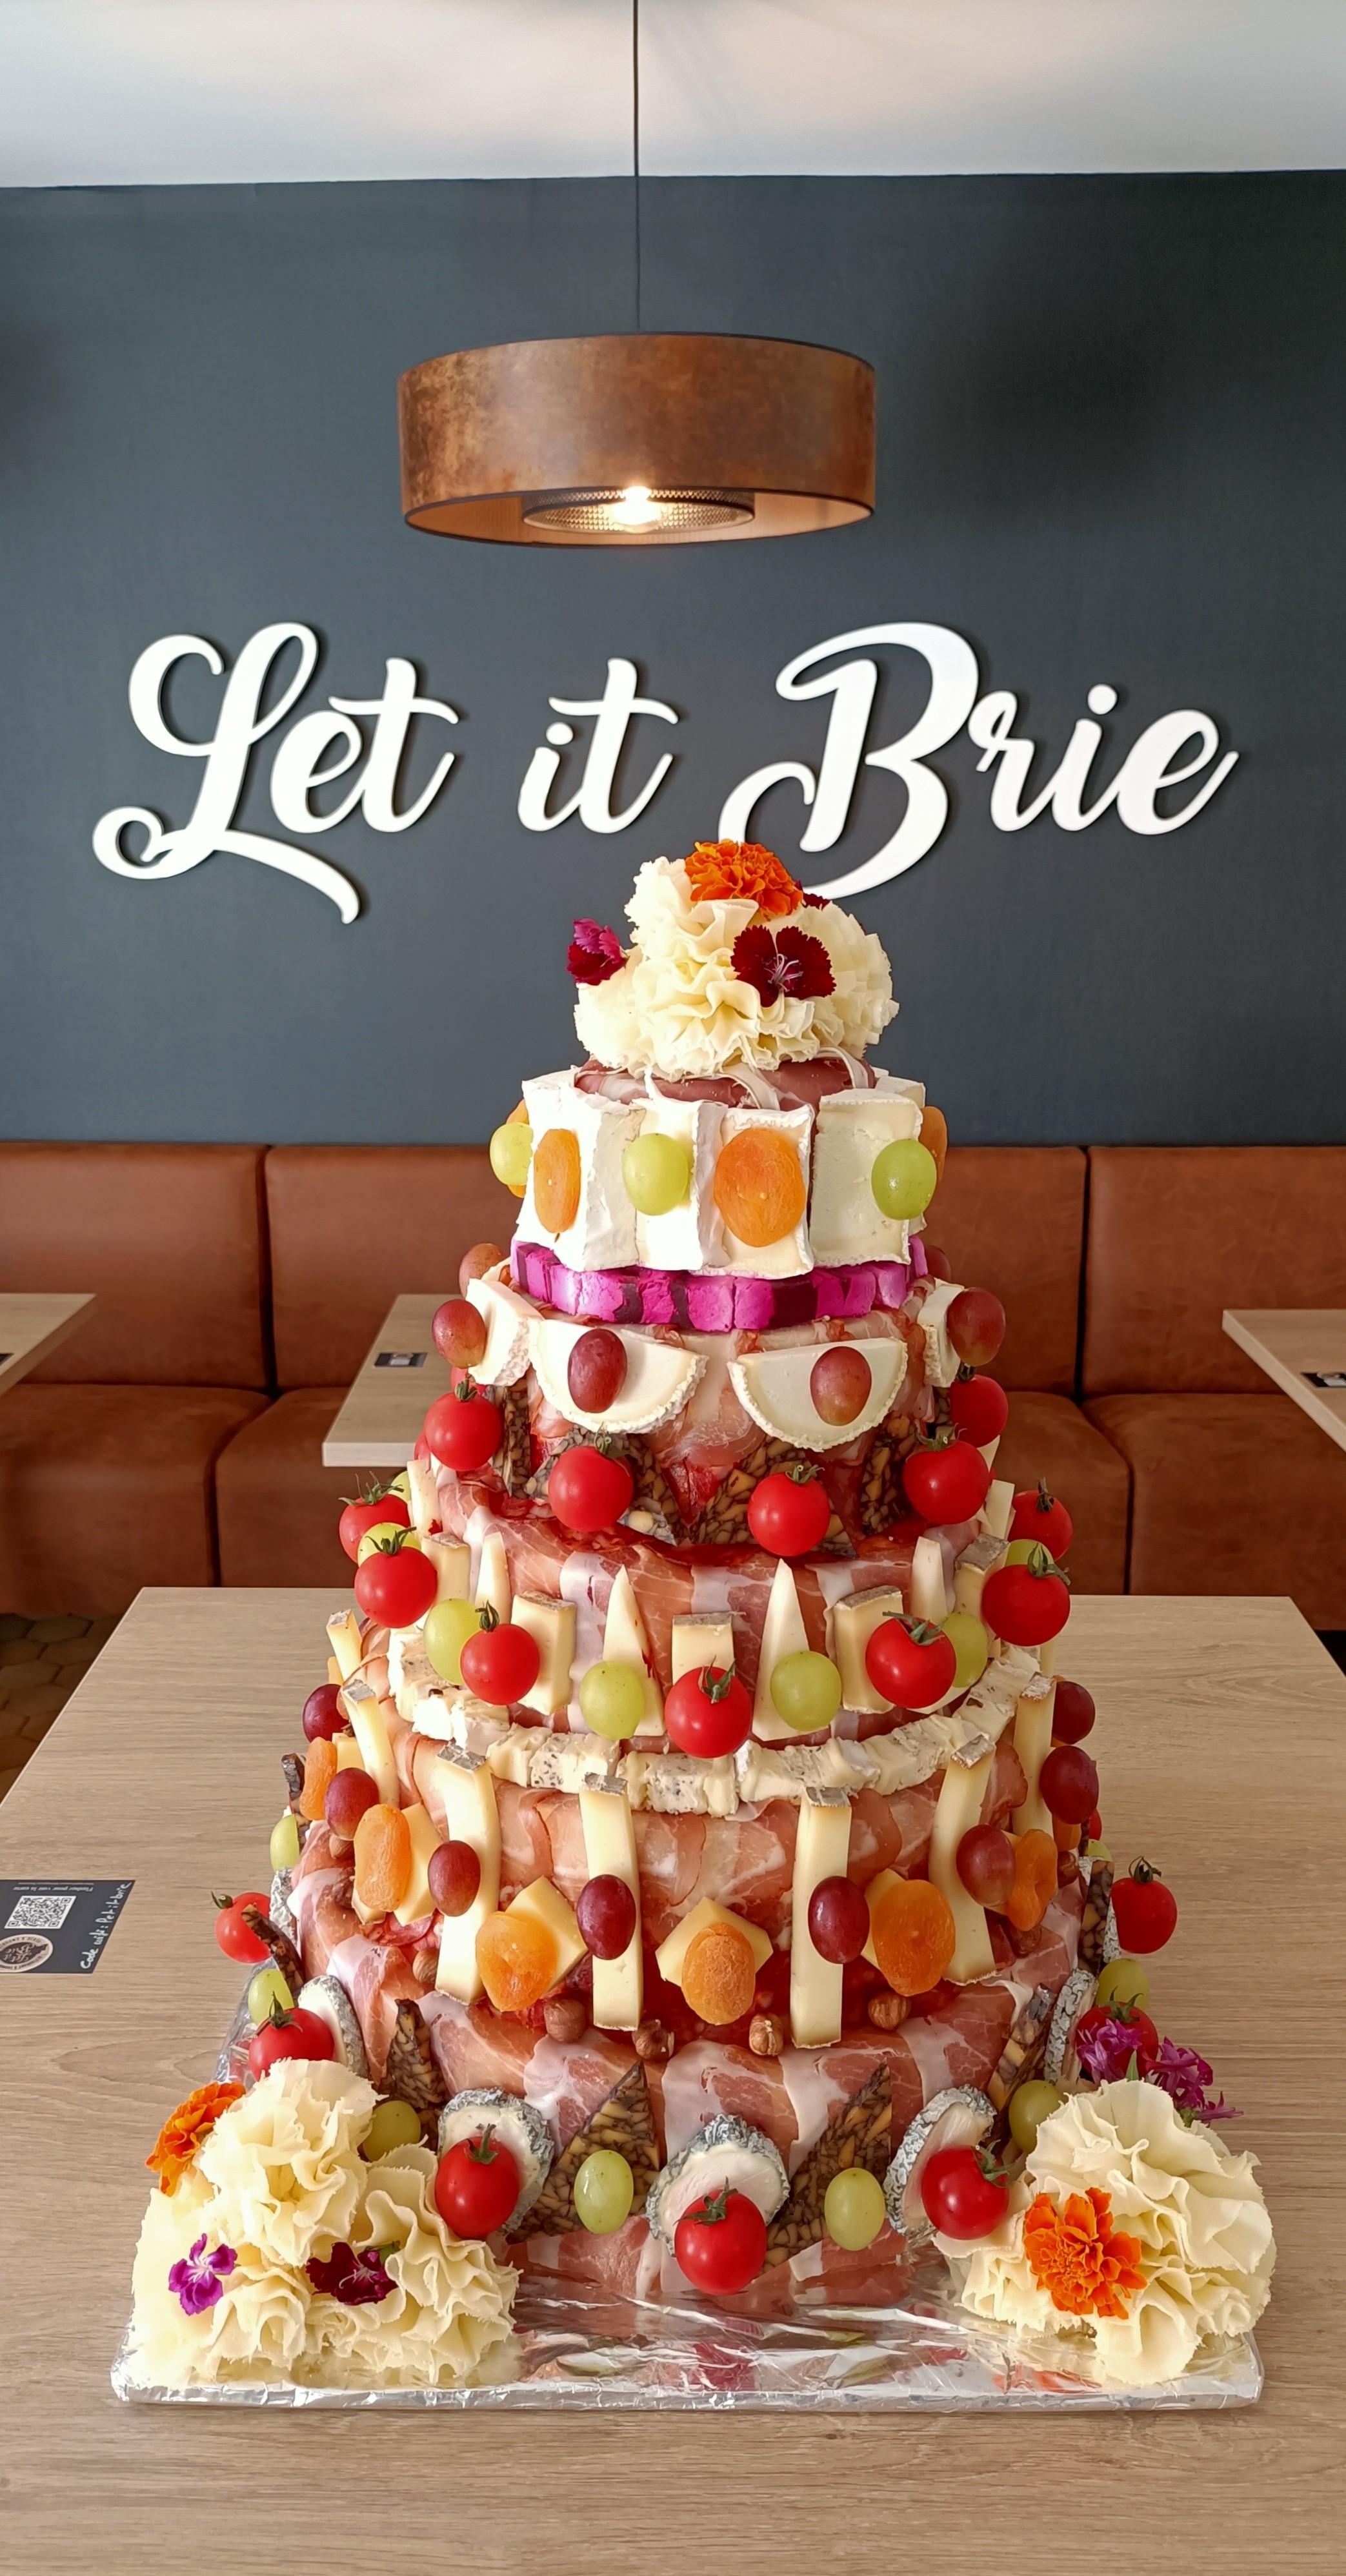 Pièce montée pour évènements spéciaux (mariage, baptême, anniversaire...)